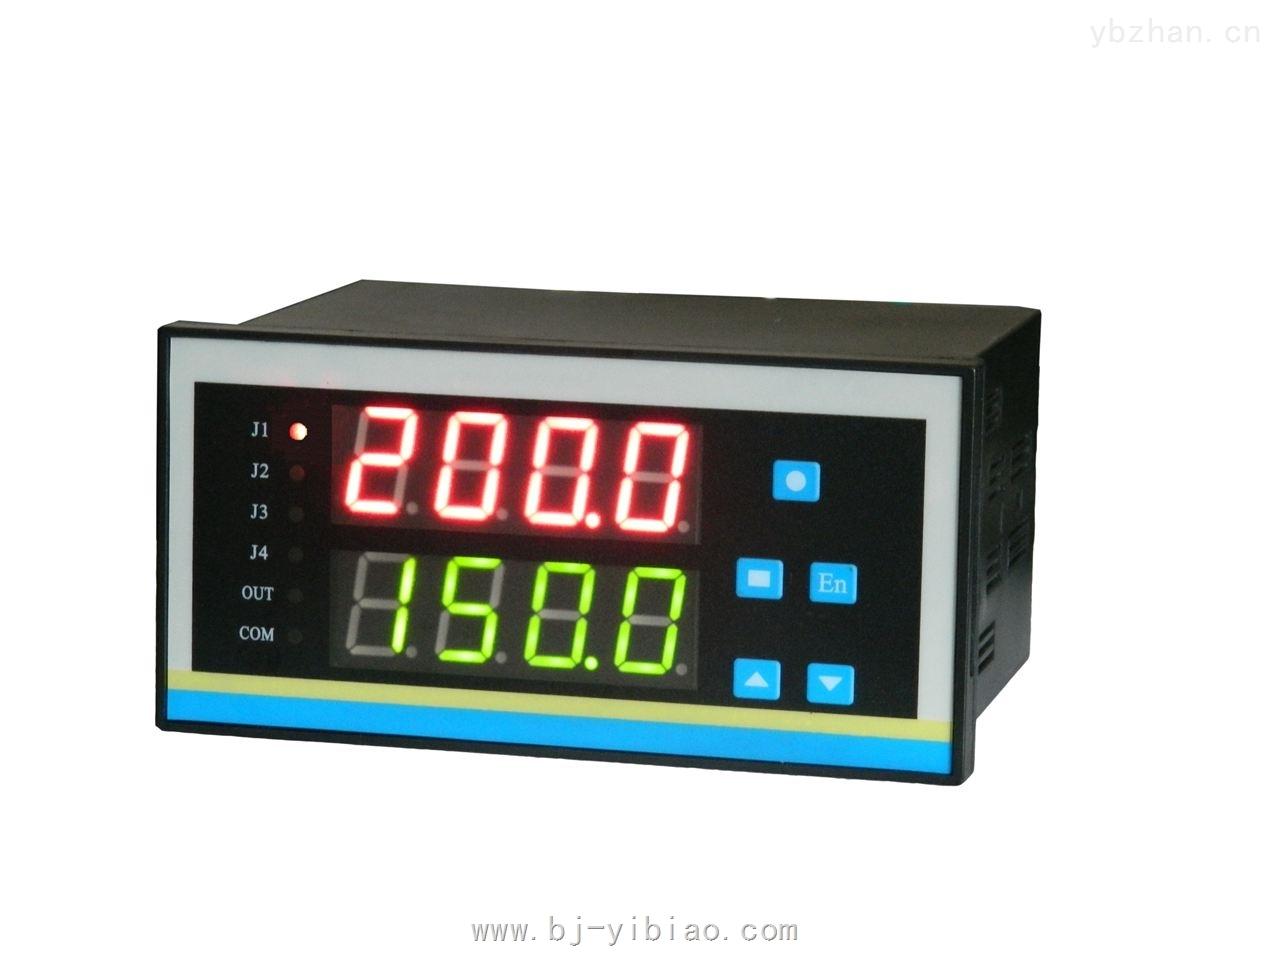 测力zui大值显示仪,峰值测量显示仪